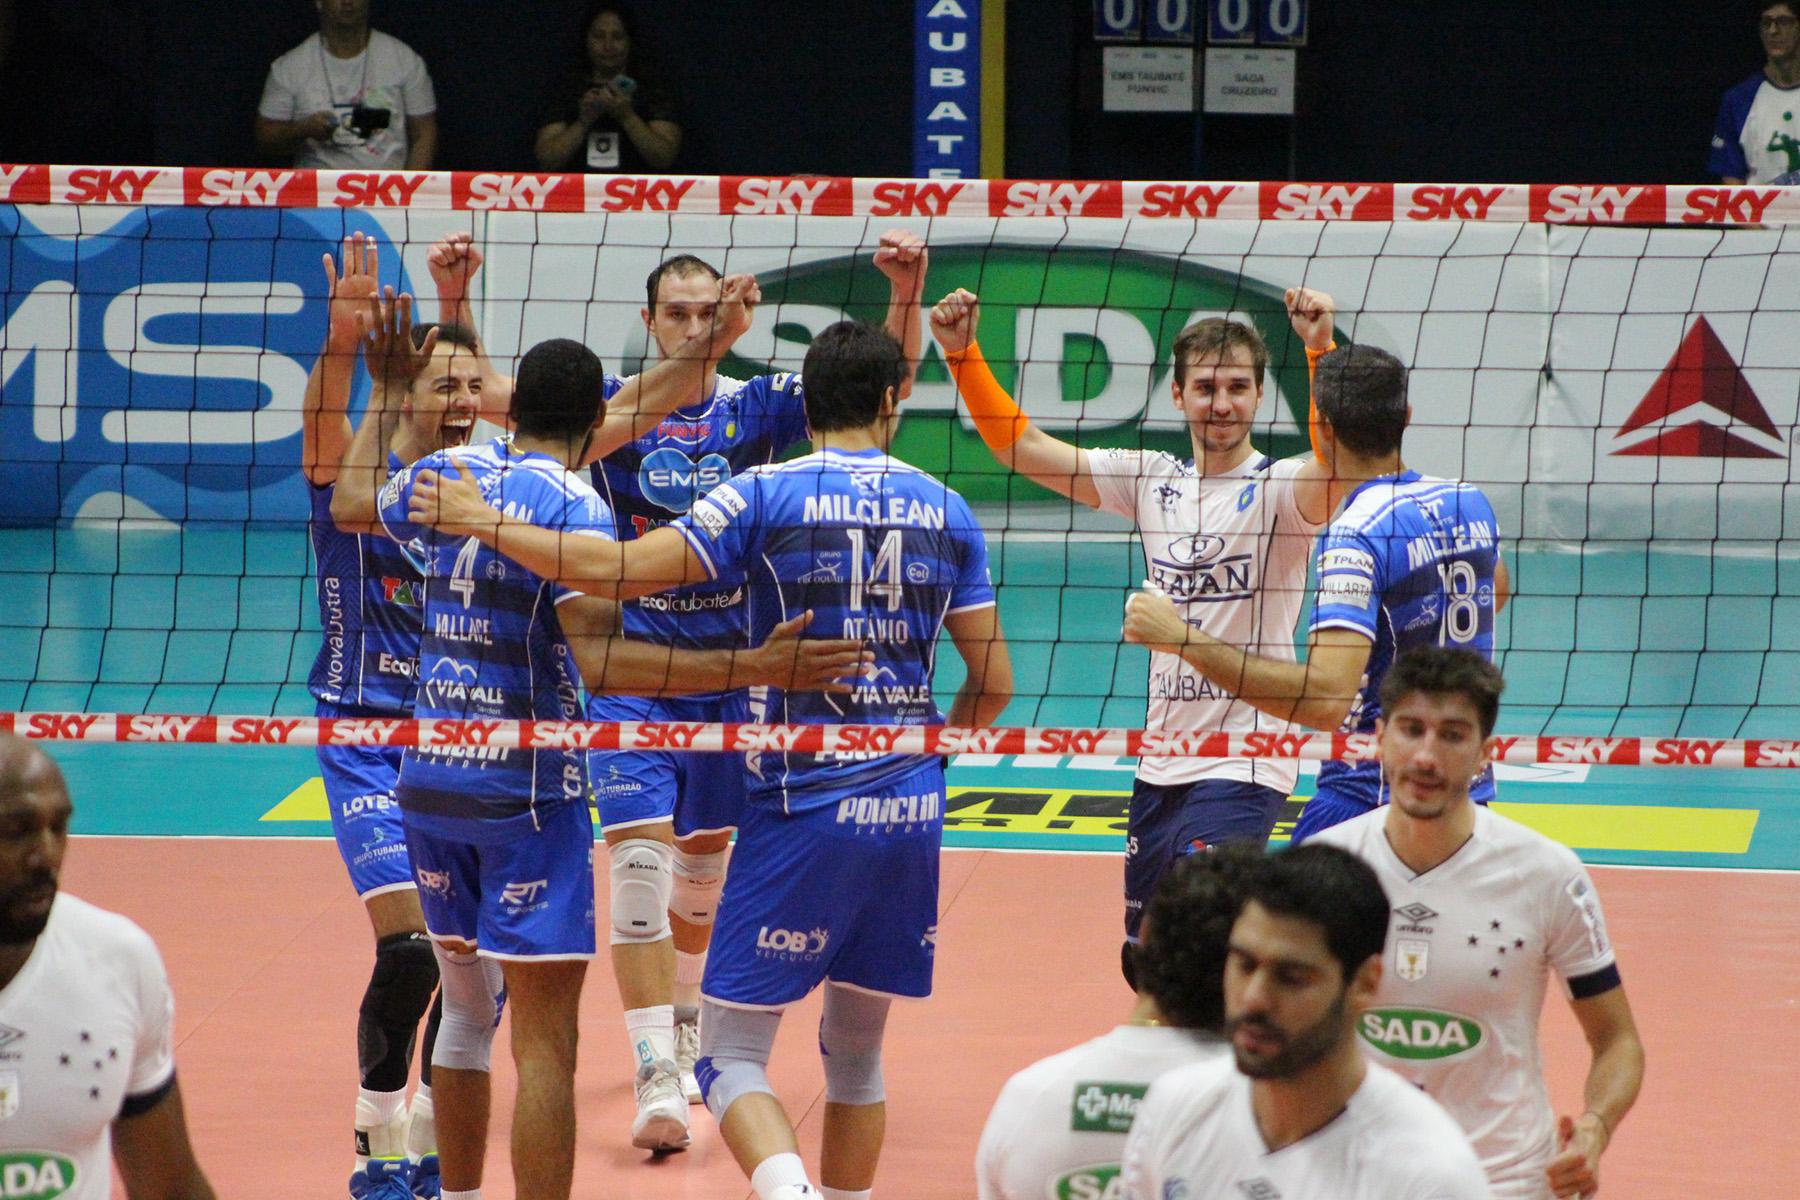 Sada Cruzeiro recebe EMS Taubaté Funvic para terceiro jogo da semifinal